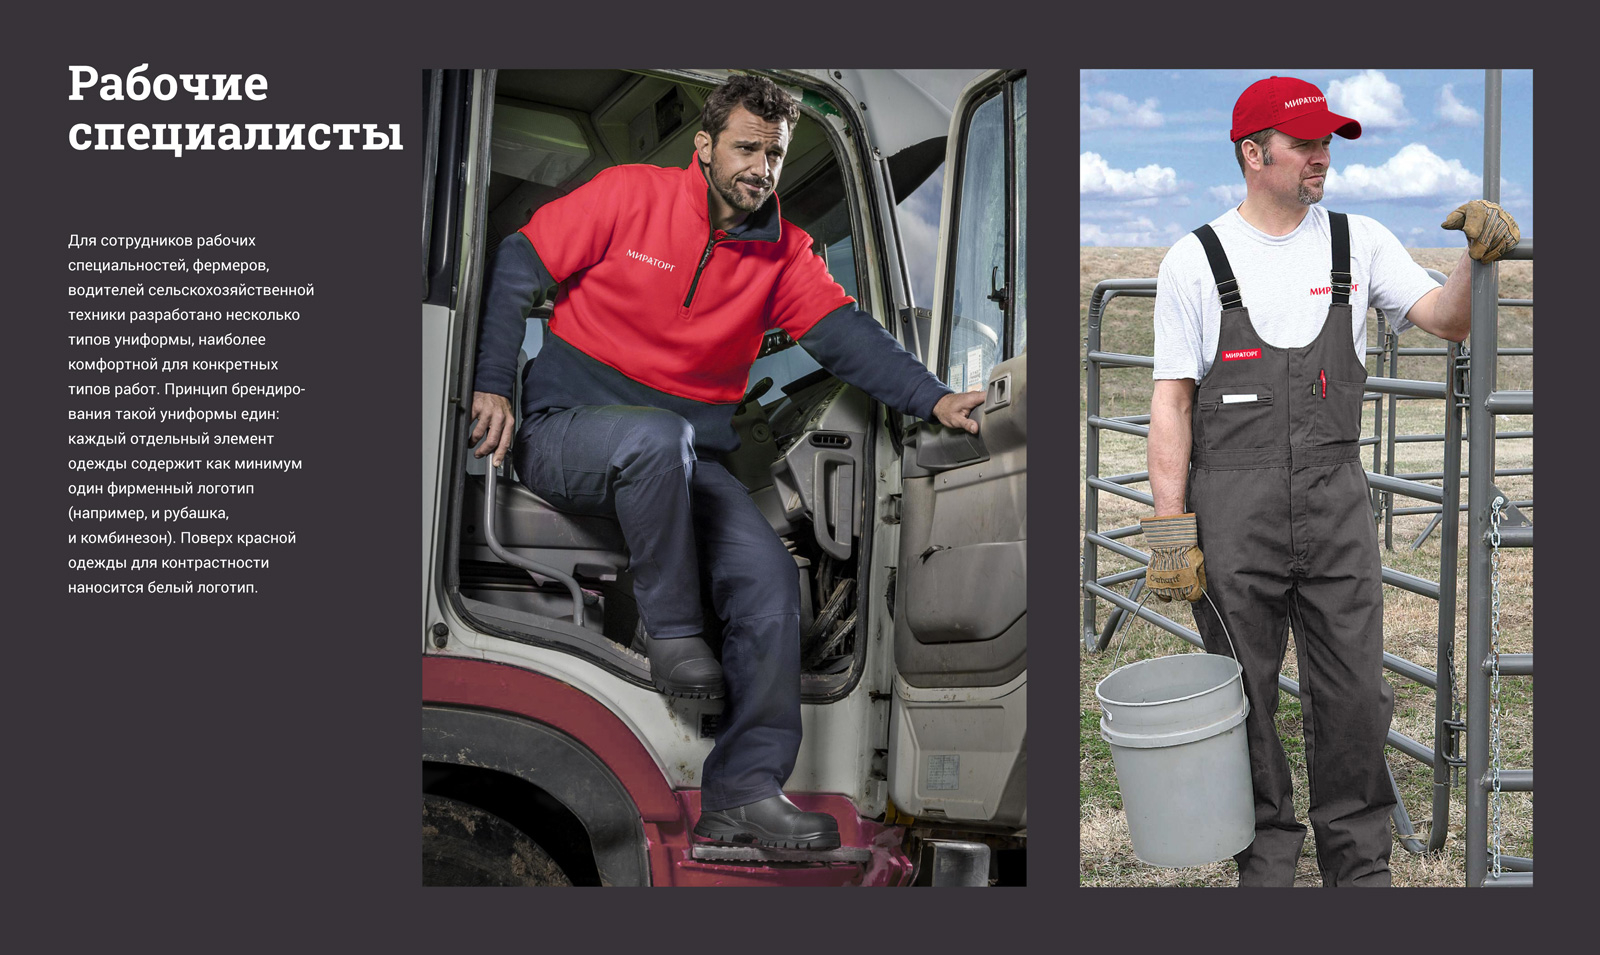 Стандарты фирменной одежды сотрудников «Мираторг», работающих на фермах холдинга